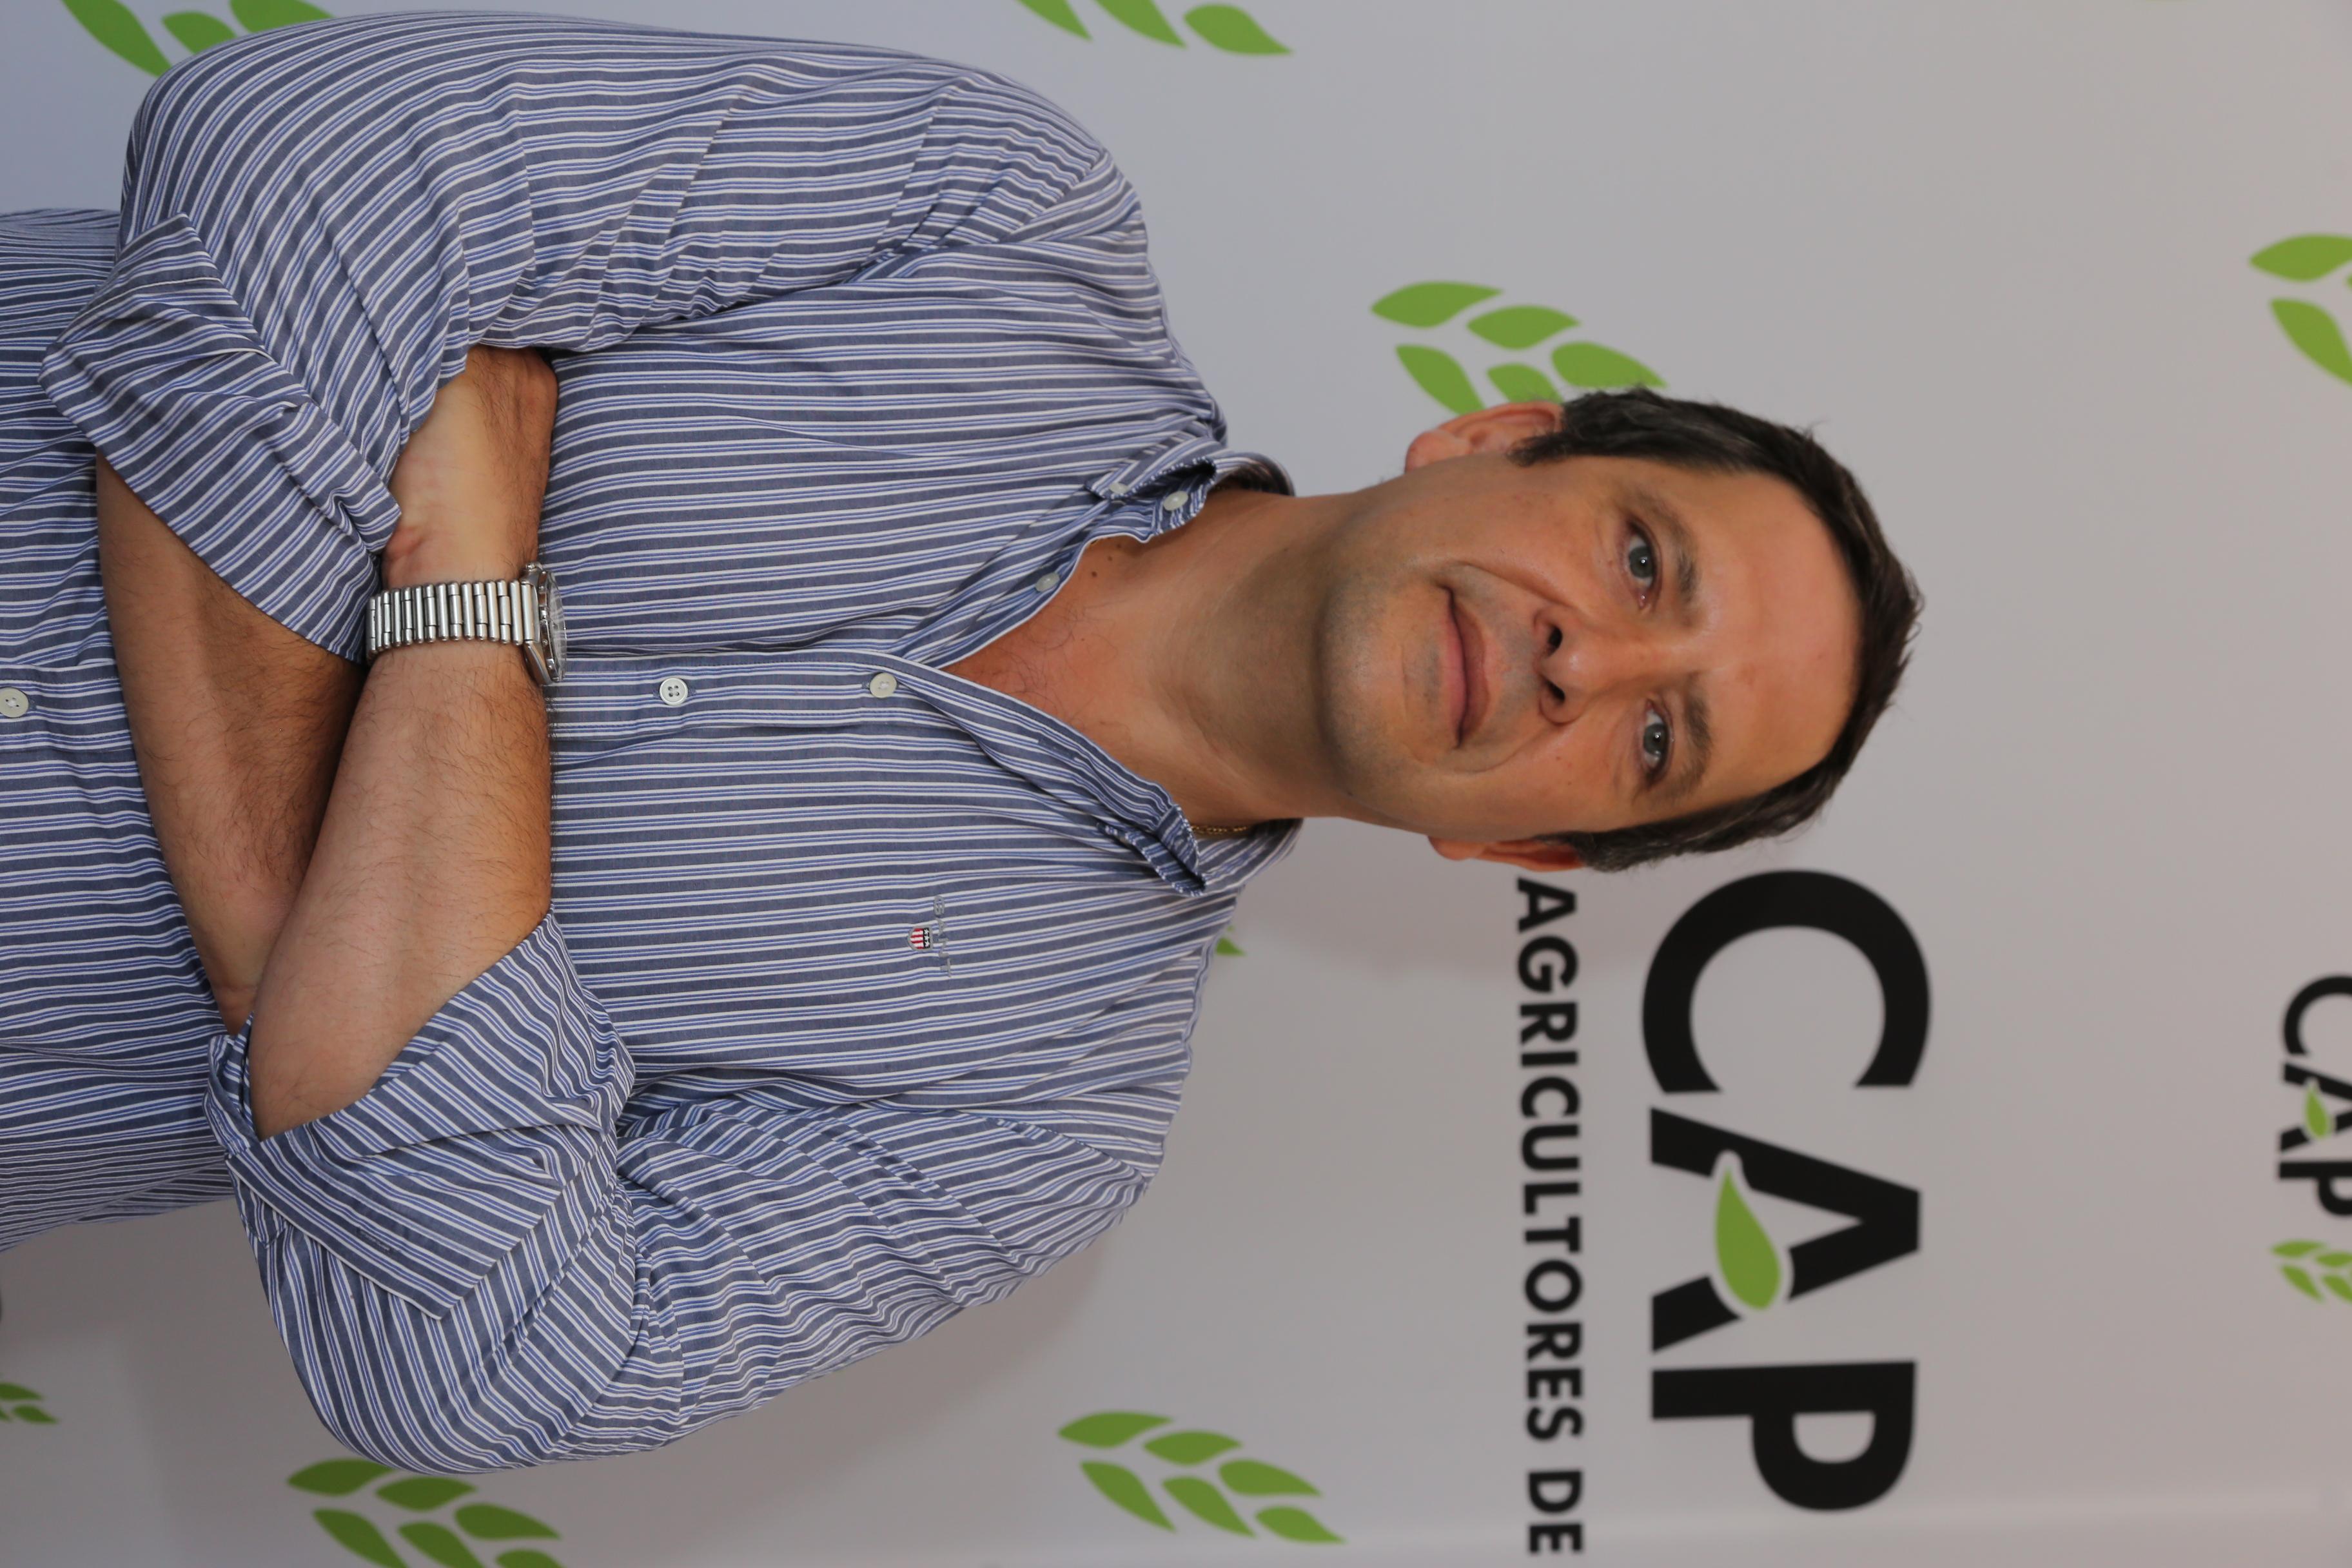 Fernando Manuel Guerreiro Silveira do Rosário